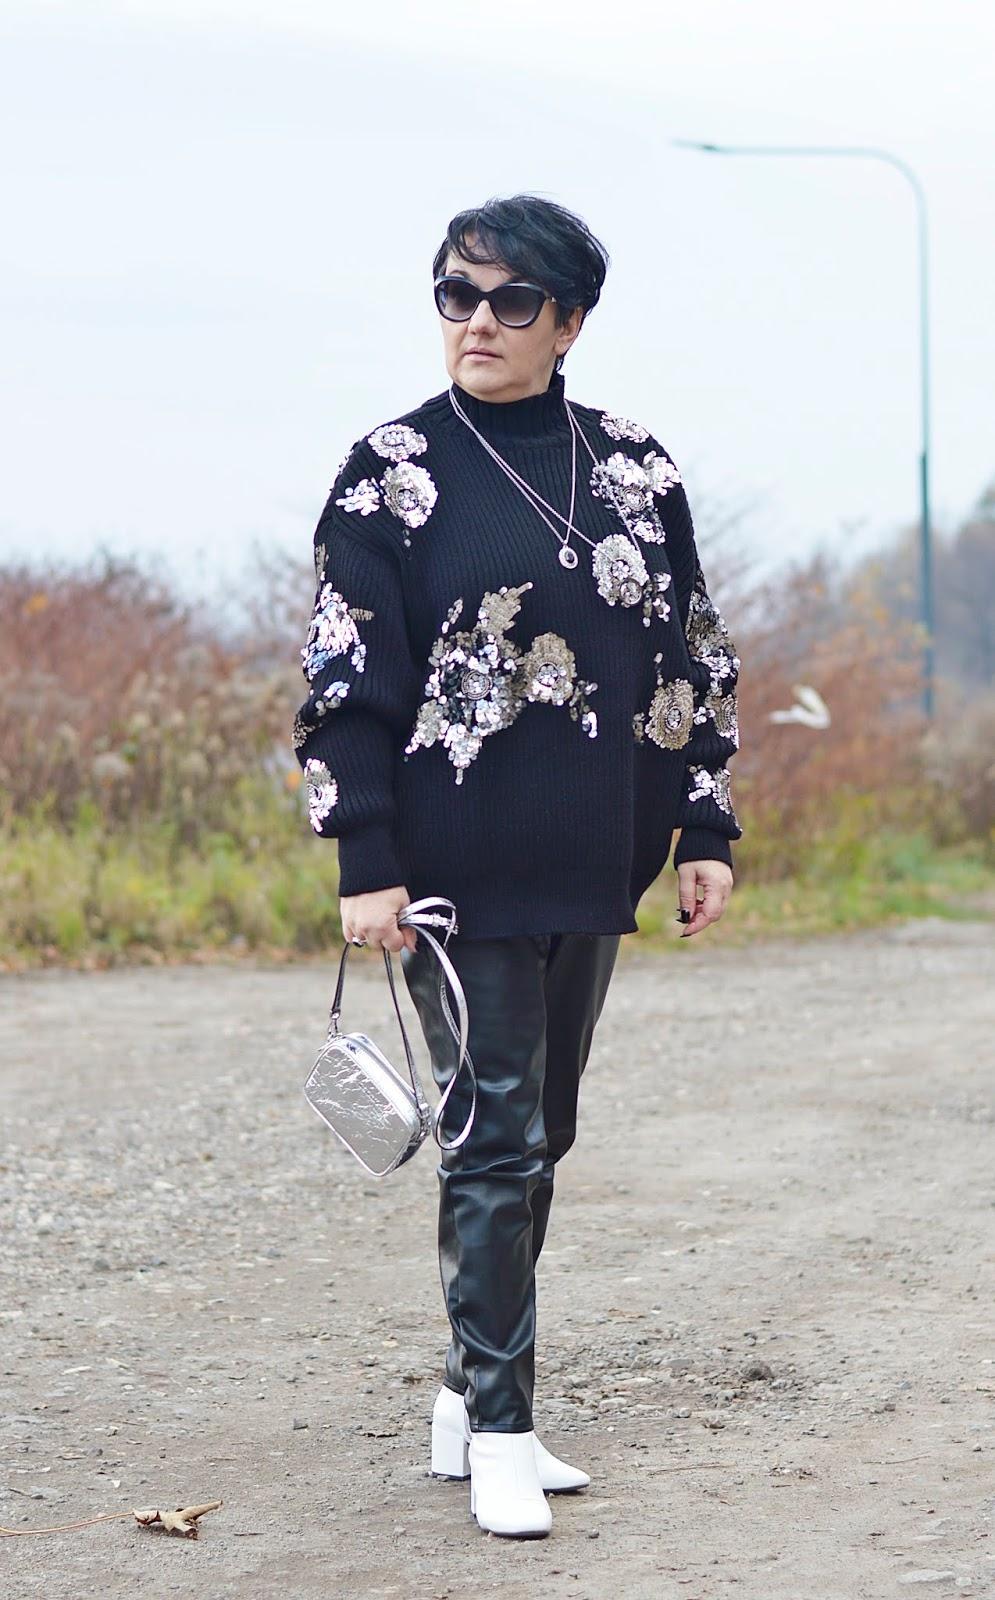 SKÓRZANE SPODNIE, Black and white fashion, black and white winter